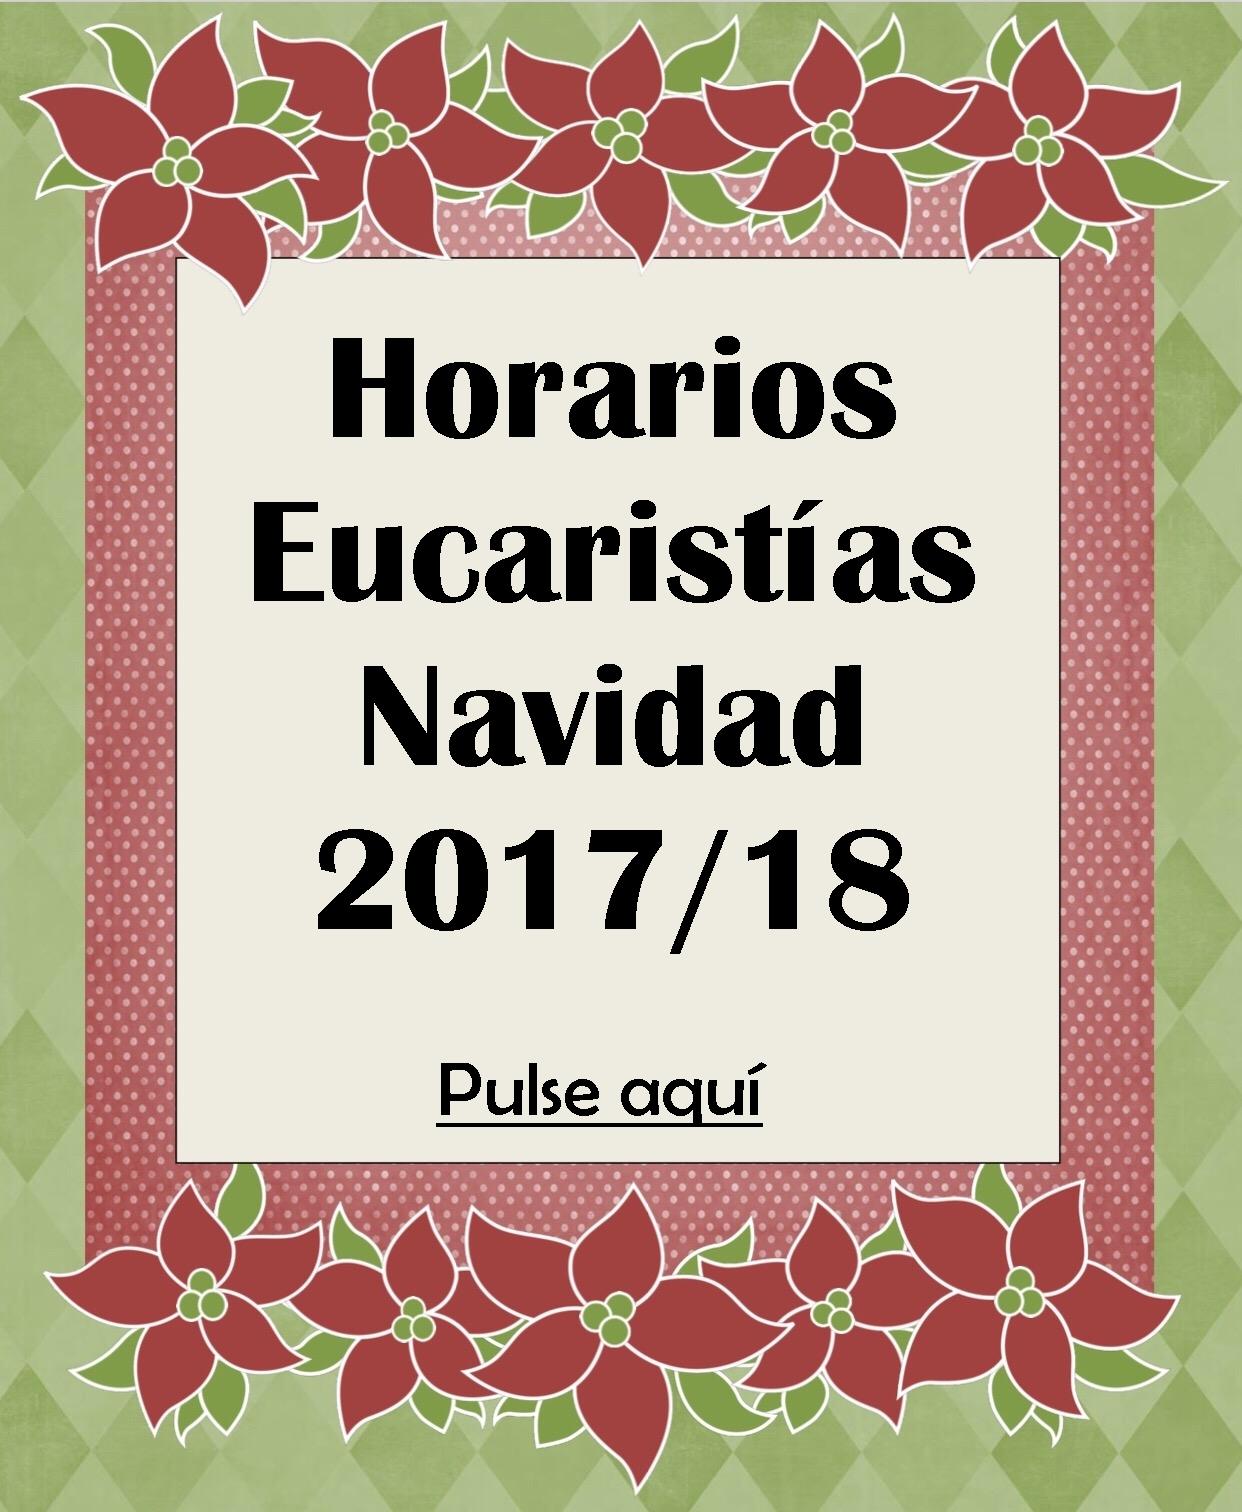 Eucaristías Navidad 2017/18